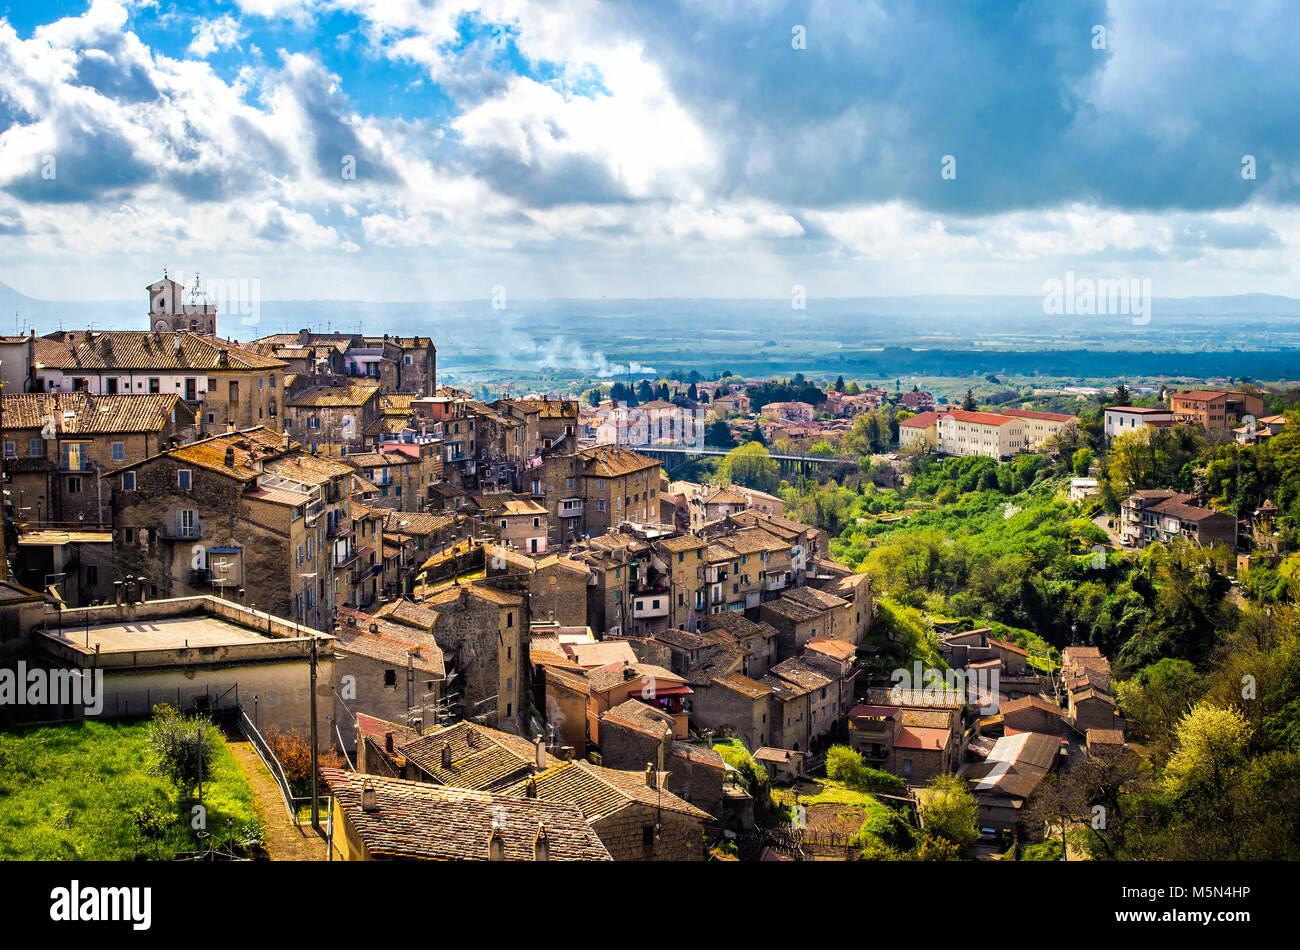 Caprarola lacio village panorama - paisajes de la provincia de Viterbo - Italia Imagen De Stock